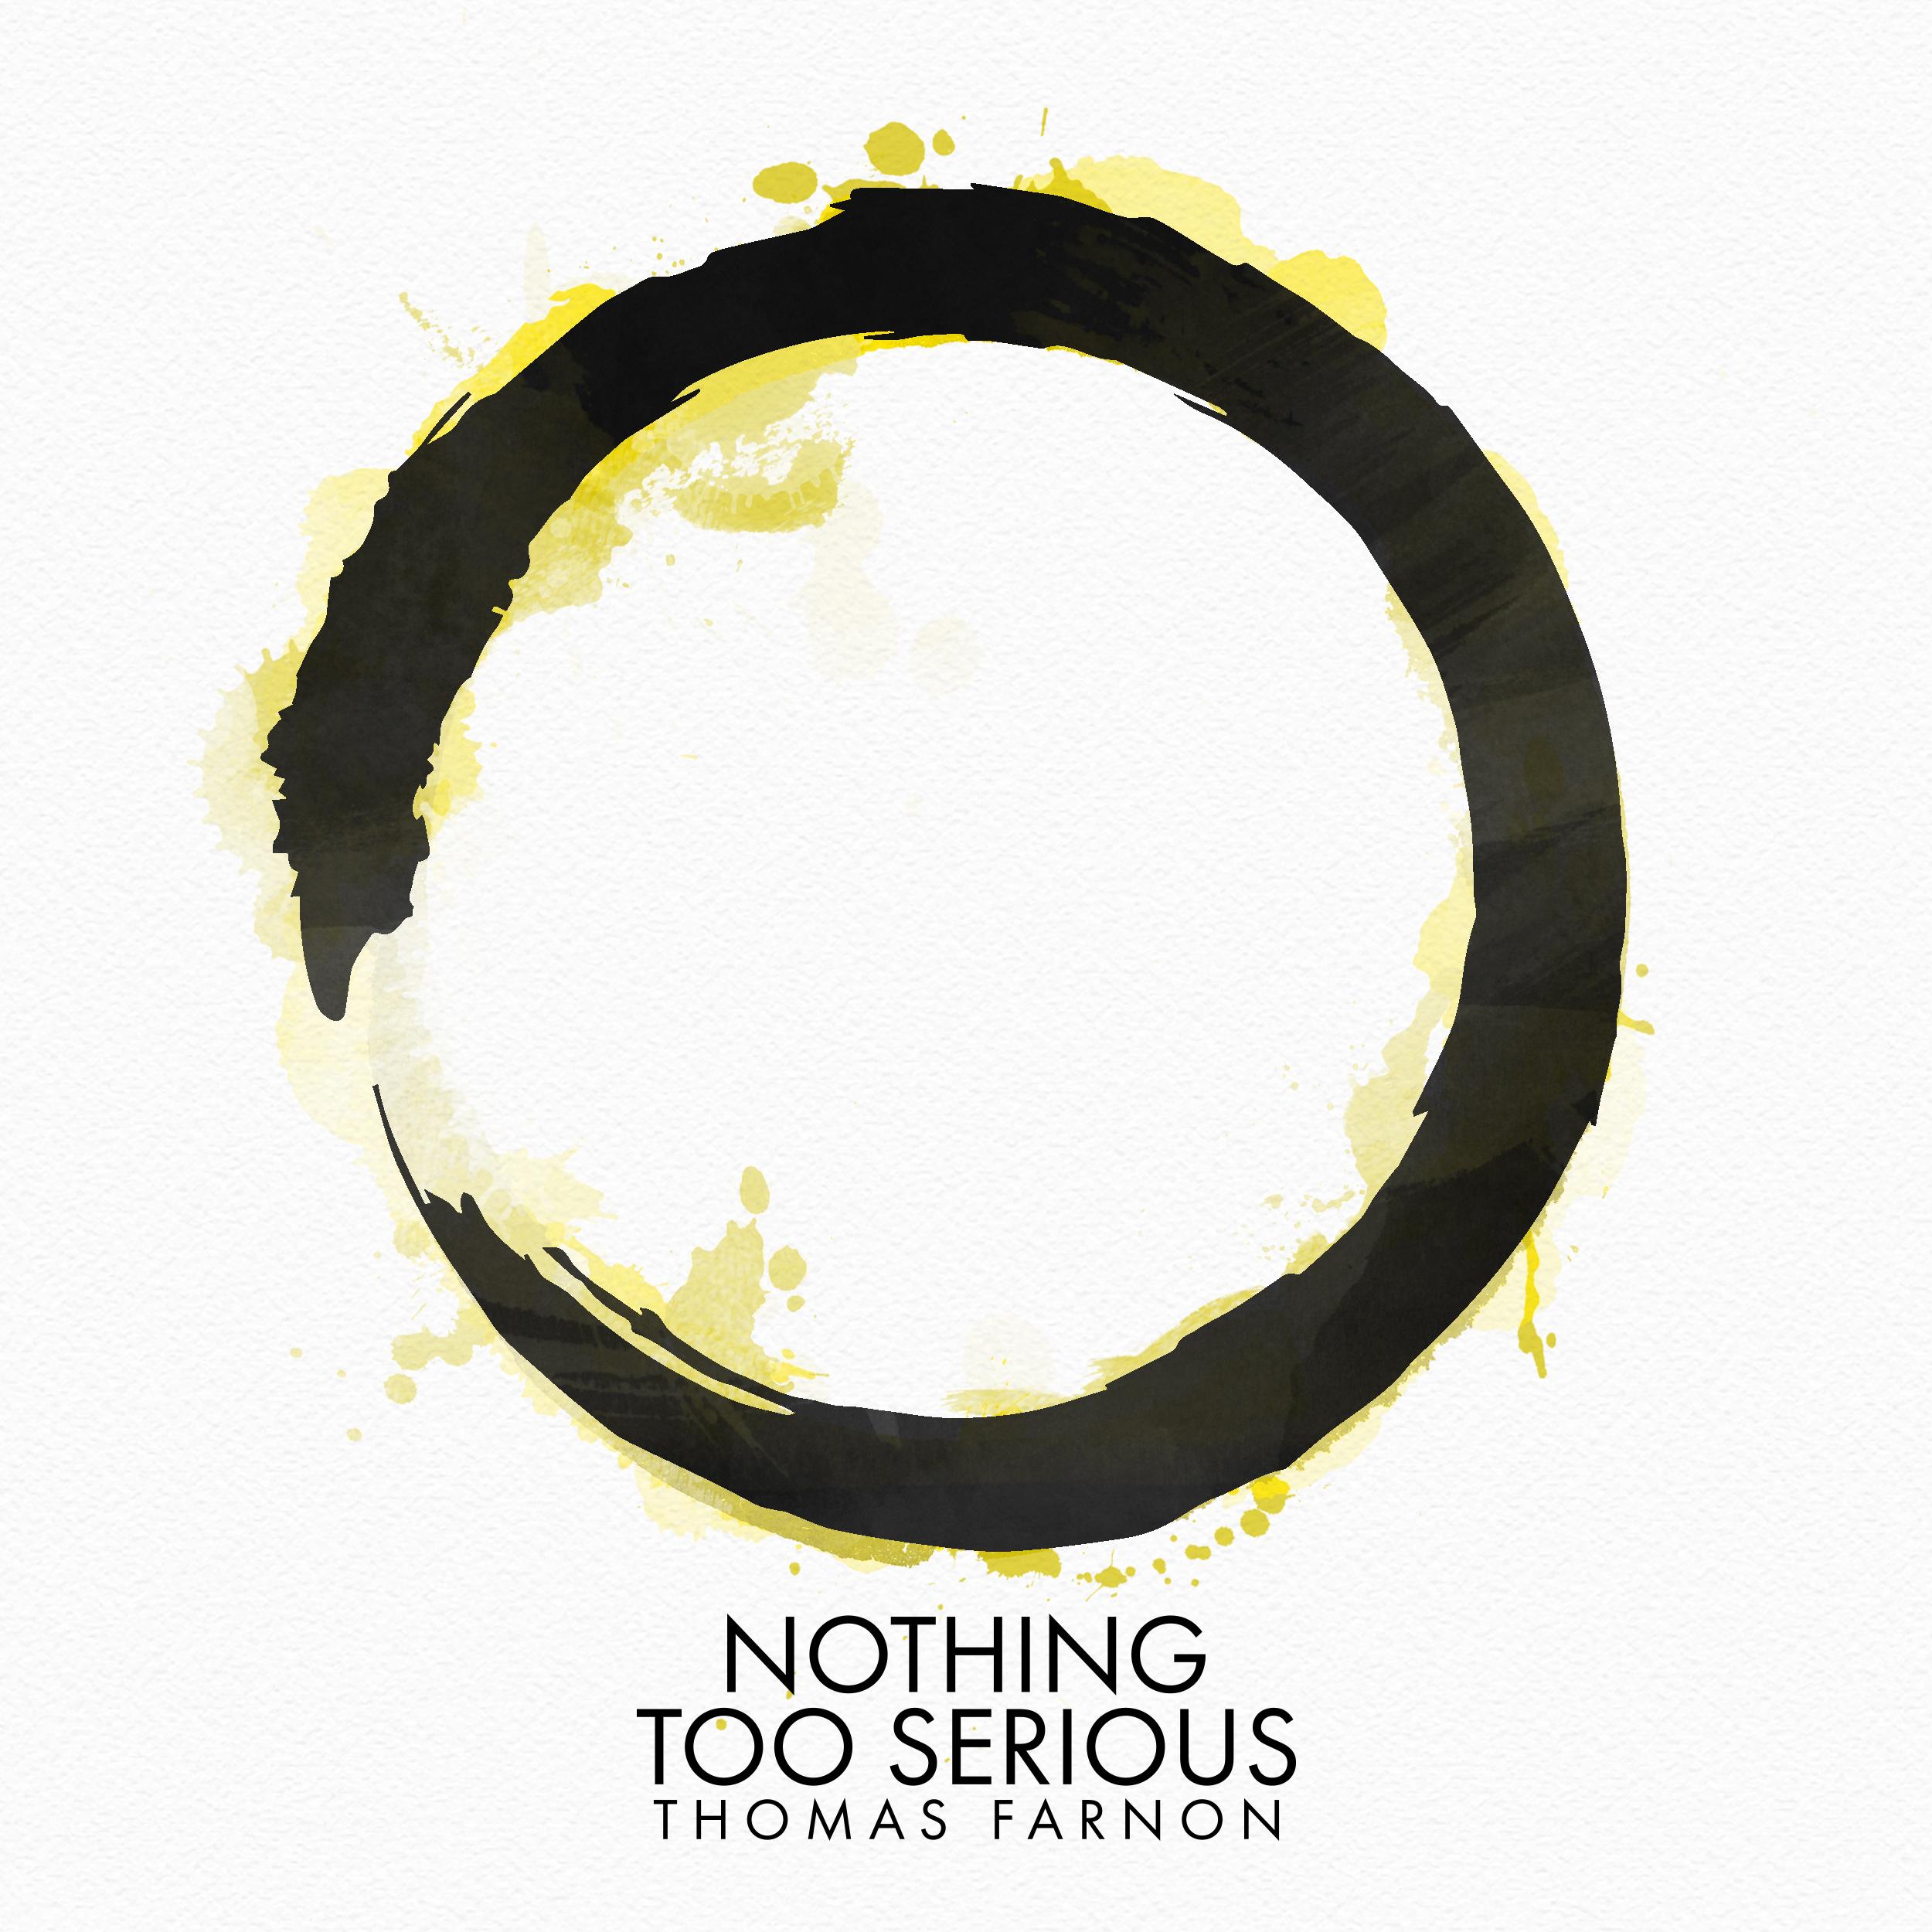 Nothing Too Serious | Thomas Farnon (2018) -